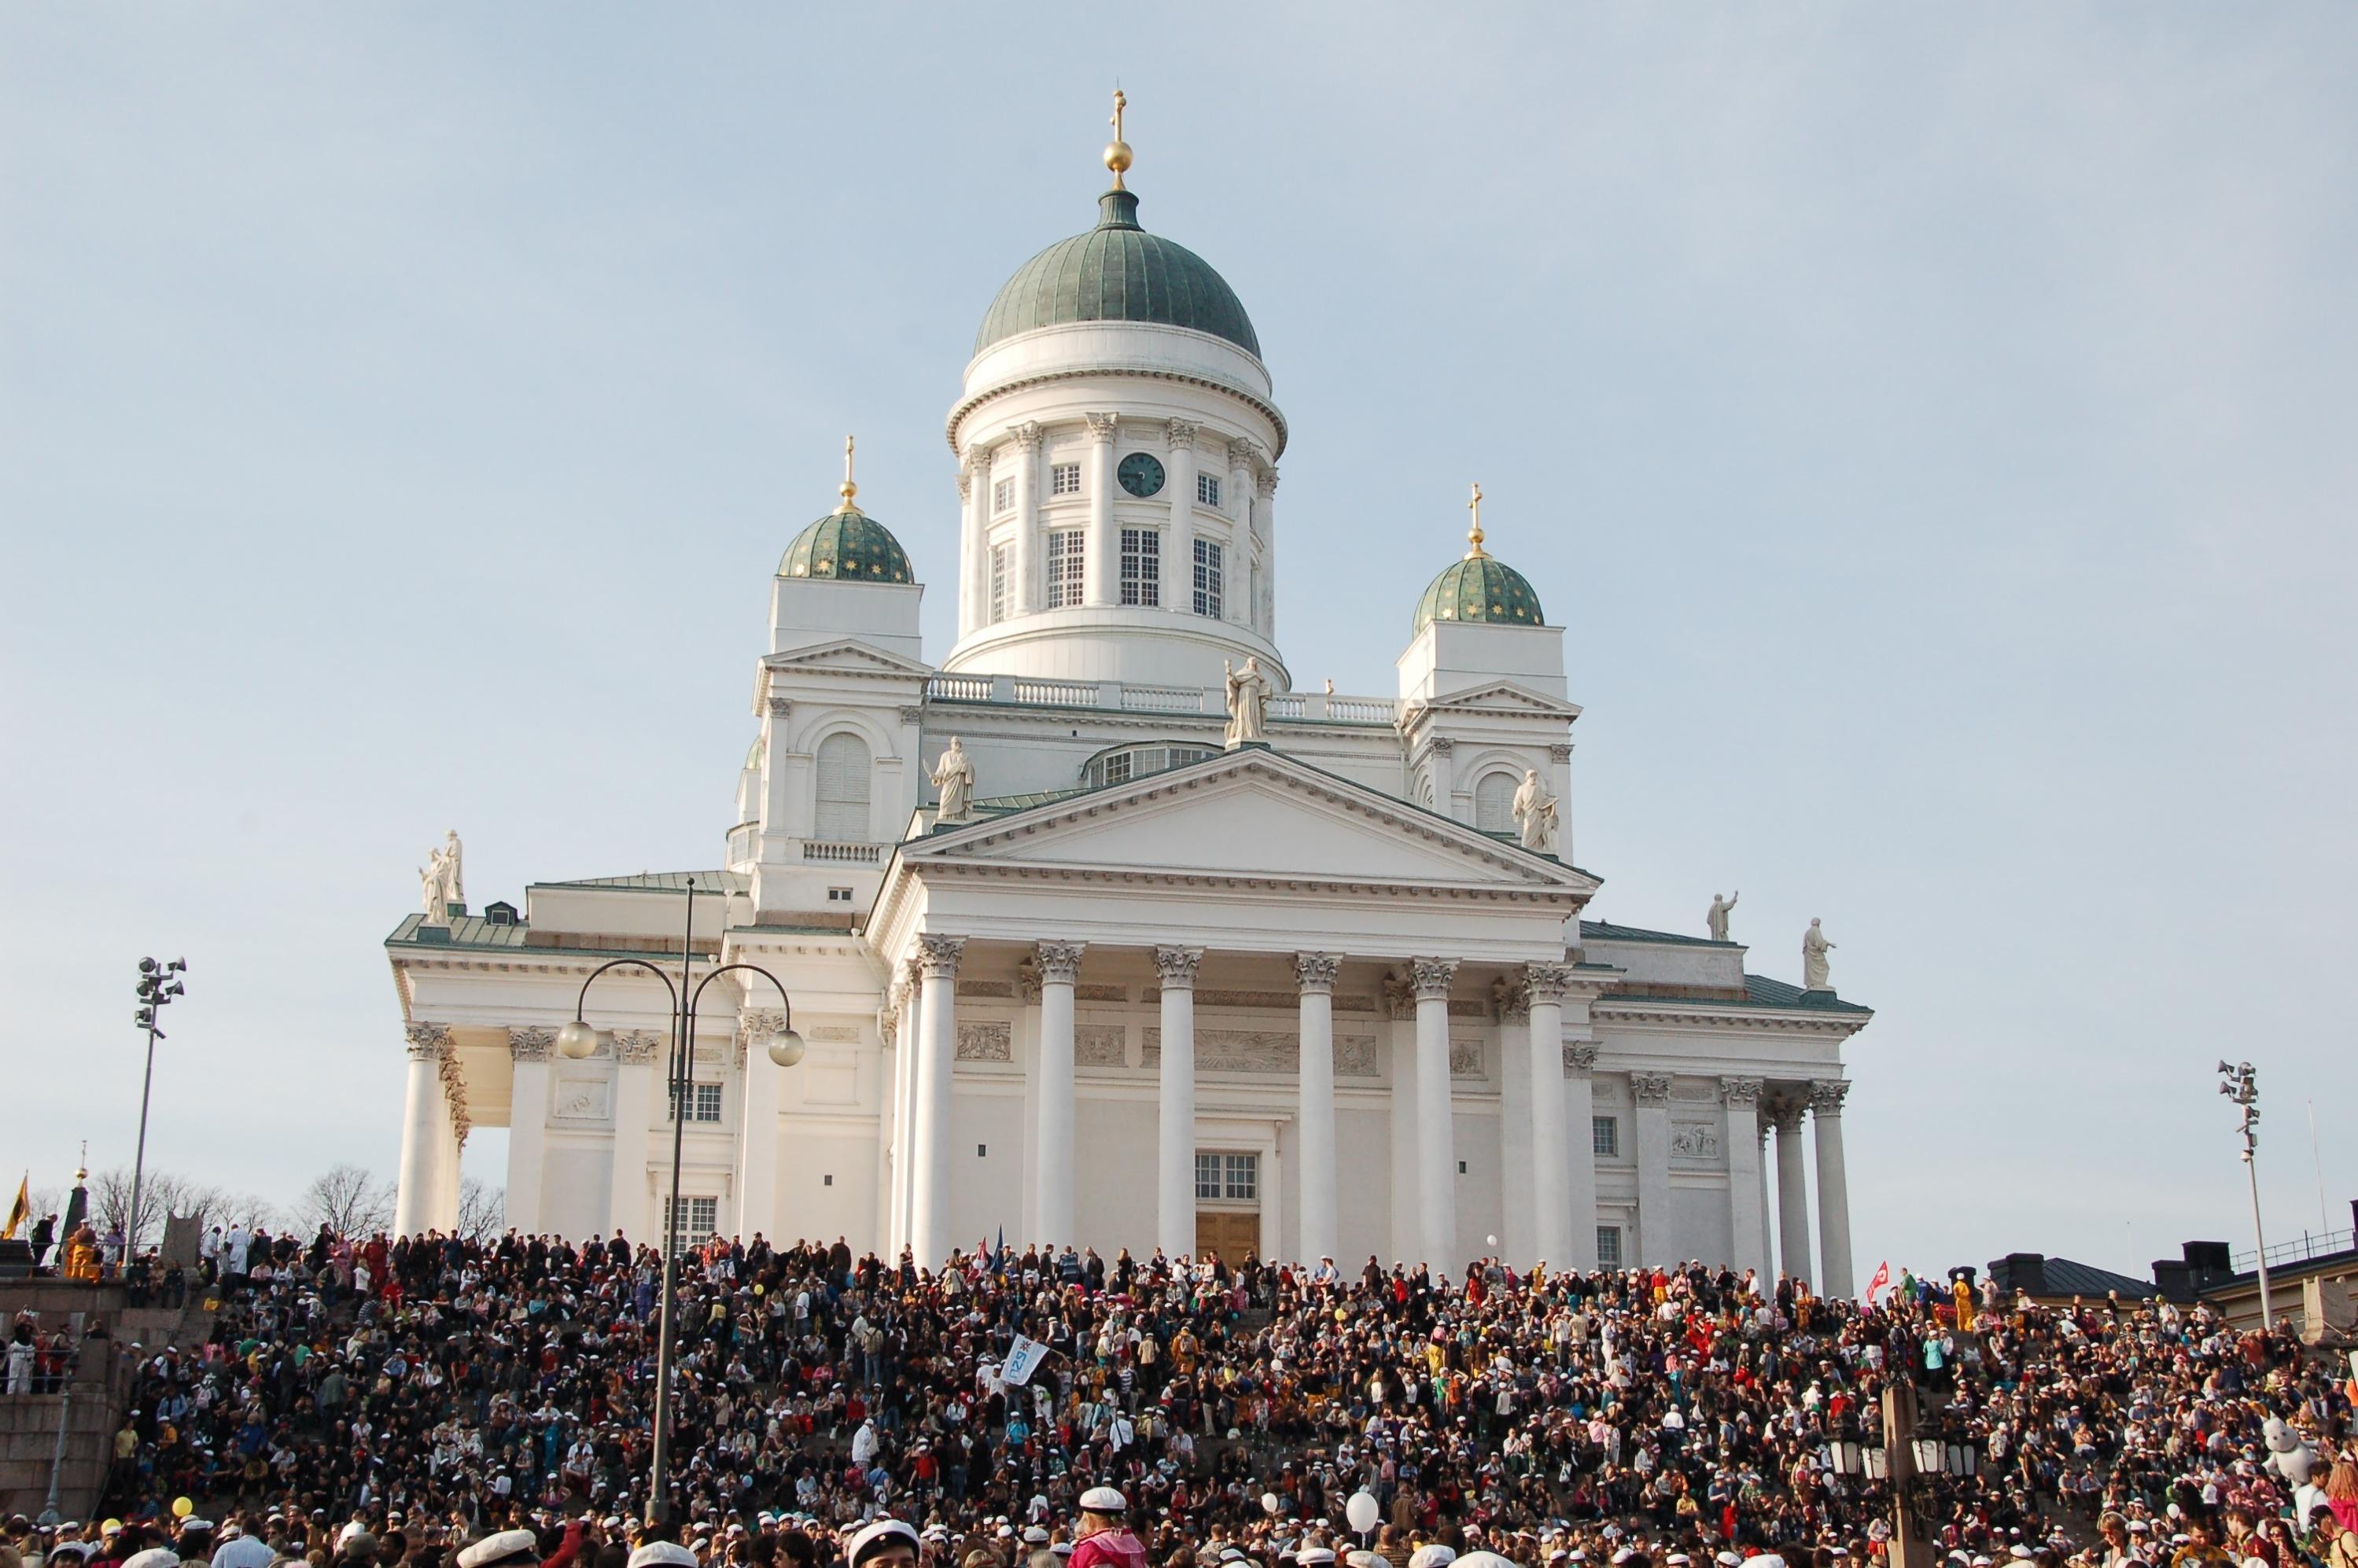 Кафедральный собор Хельсинкина Сенатской площади. Построен во времена Великого княжества Финляндского в составе Российской империи. Обычно собирает массу народа на ступеньках во время мероприятий. На этой же площади отмечают Новый год и устраивают Рождественскую ярмарку